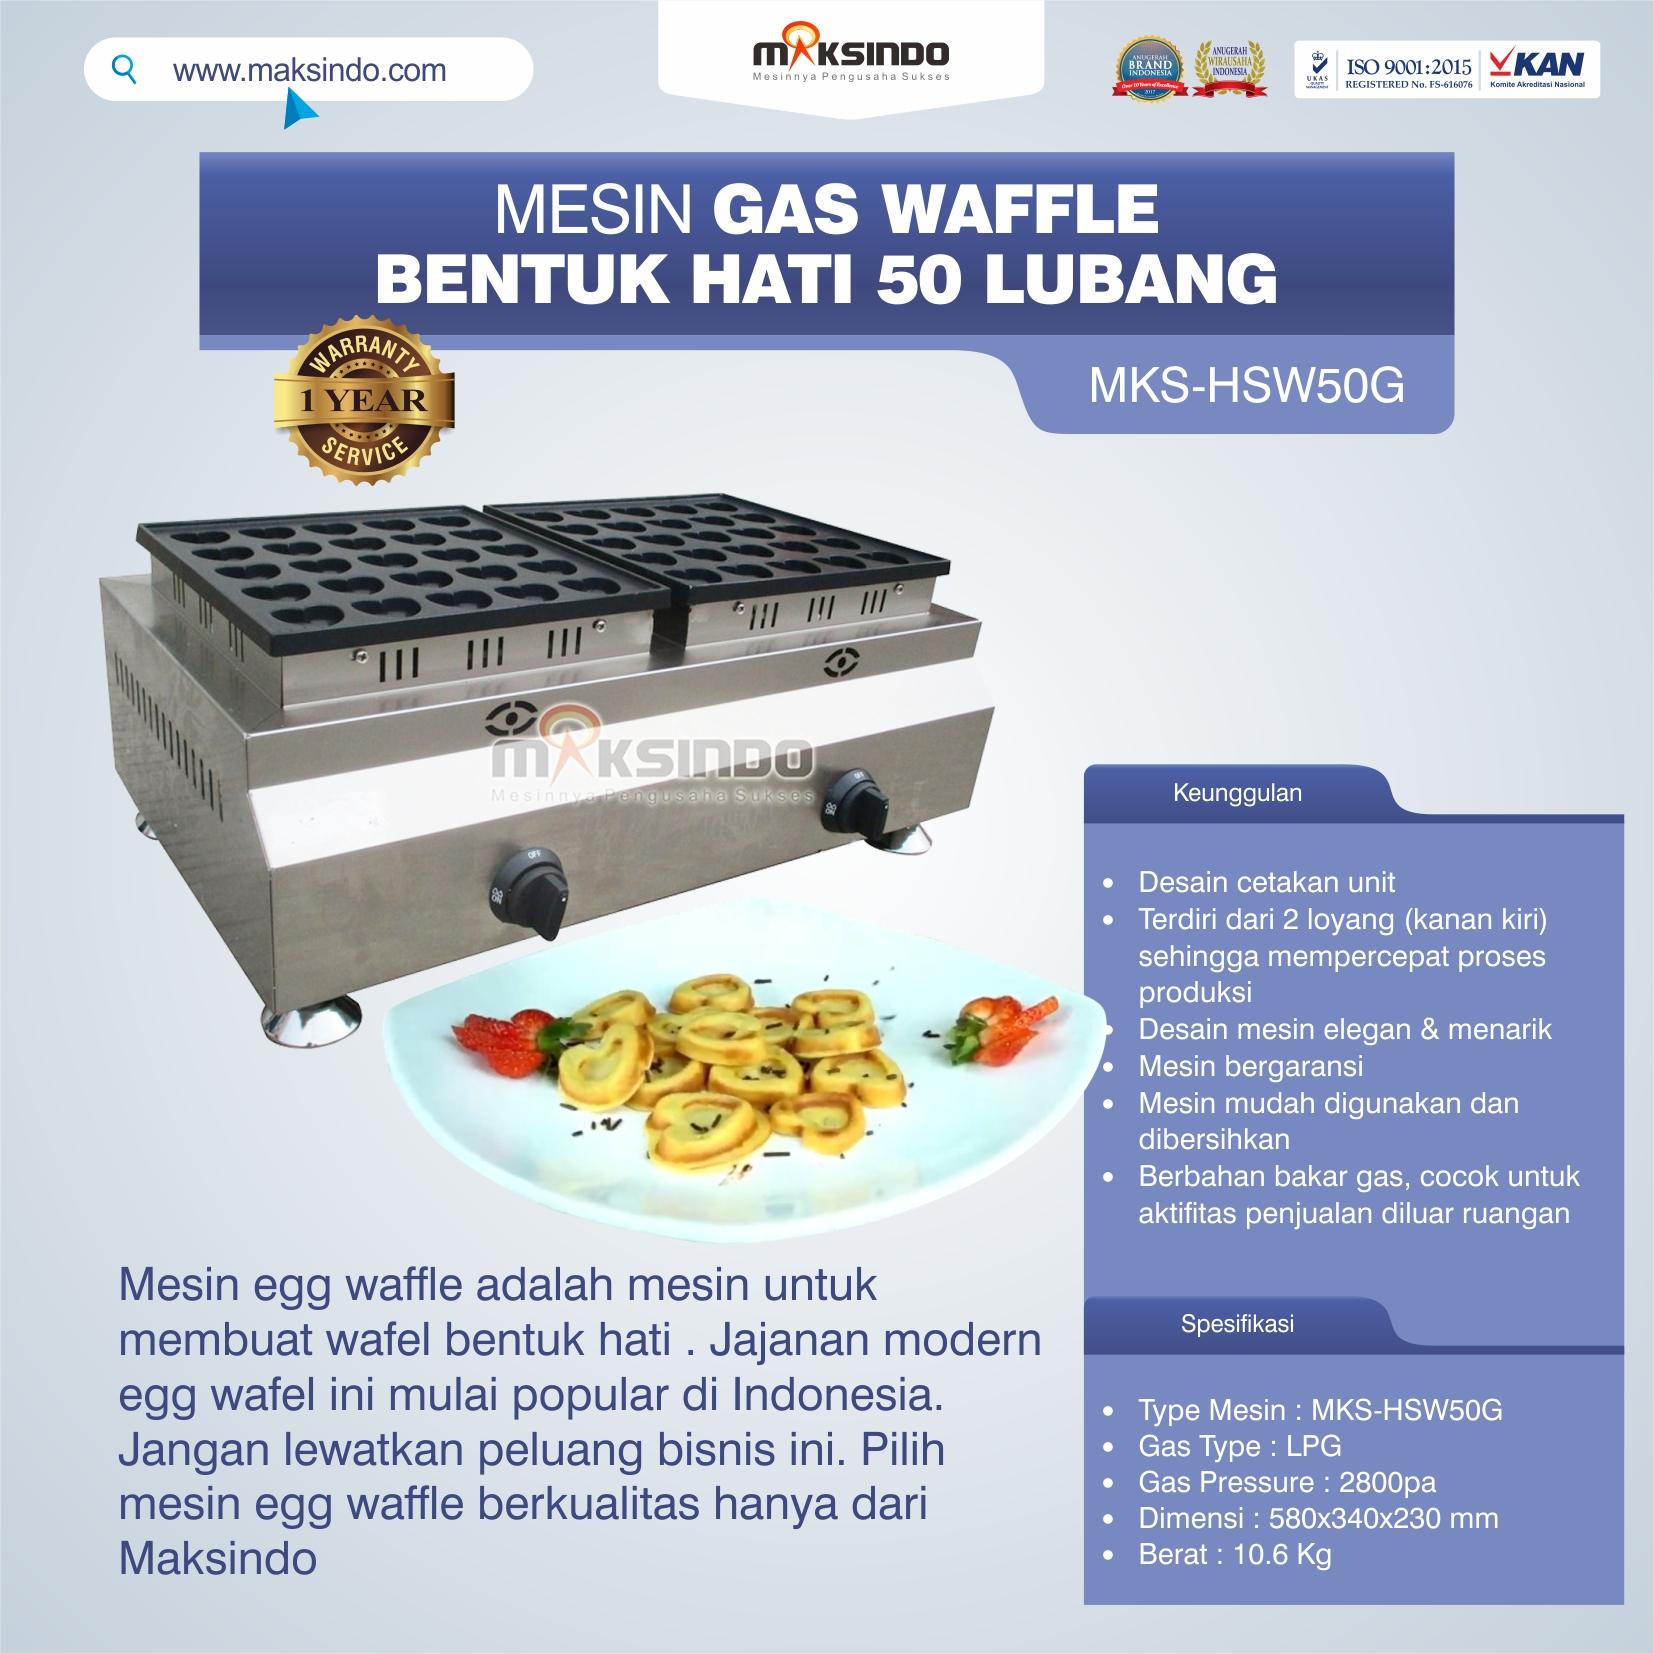 Jual Mesin Waffle Gas Bentuk Hati 50 Lubang MKS-HSW50G di Semarang